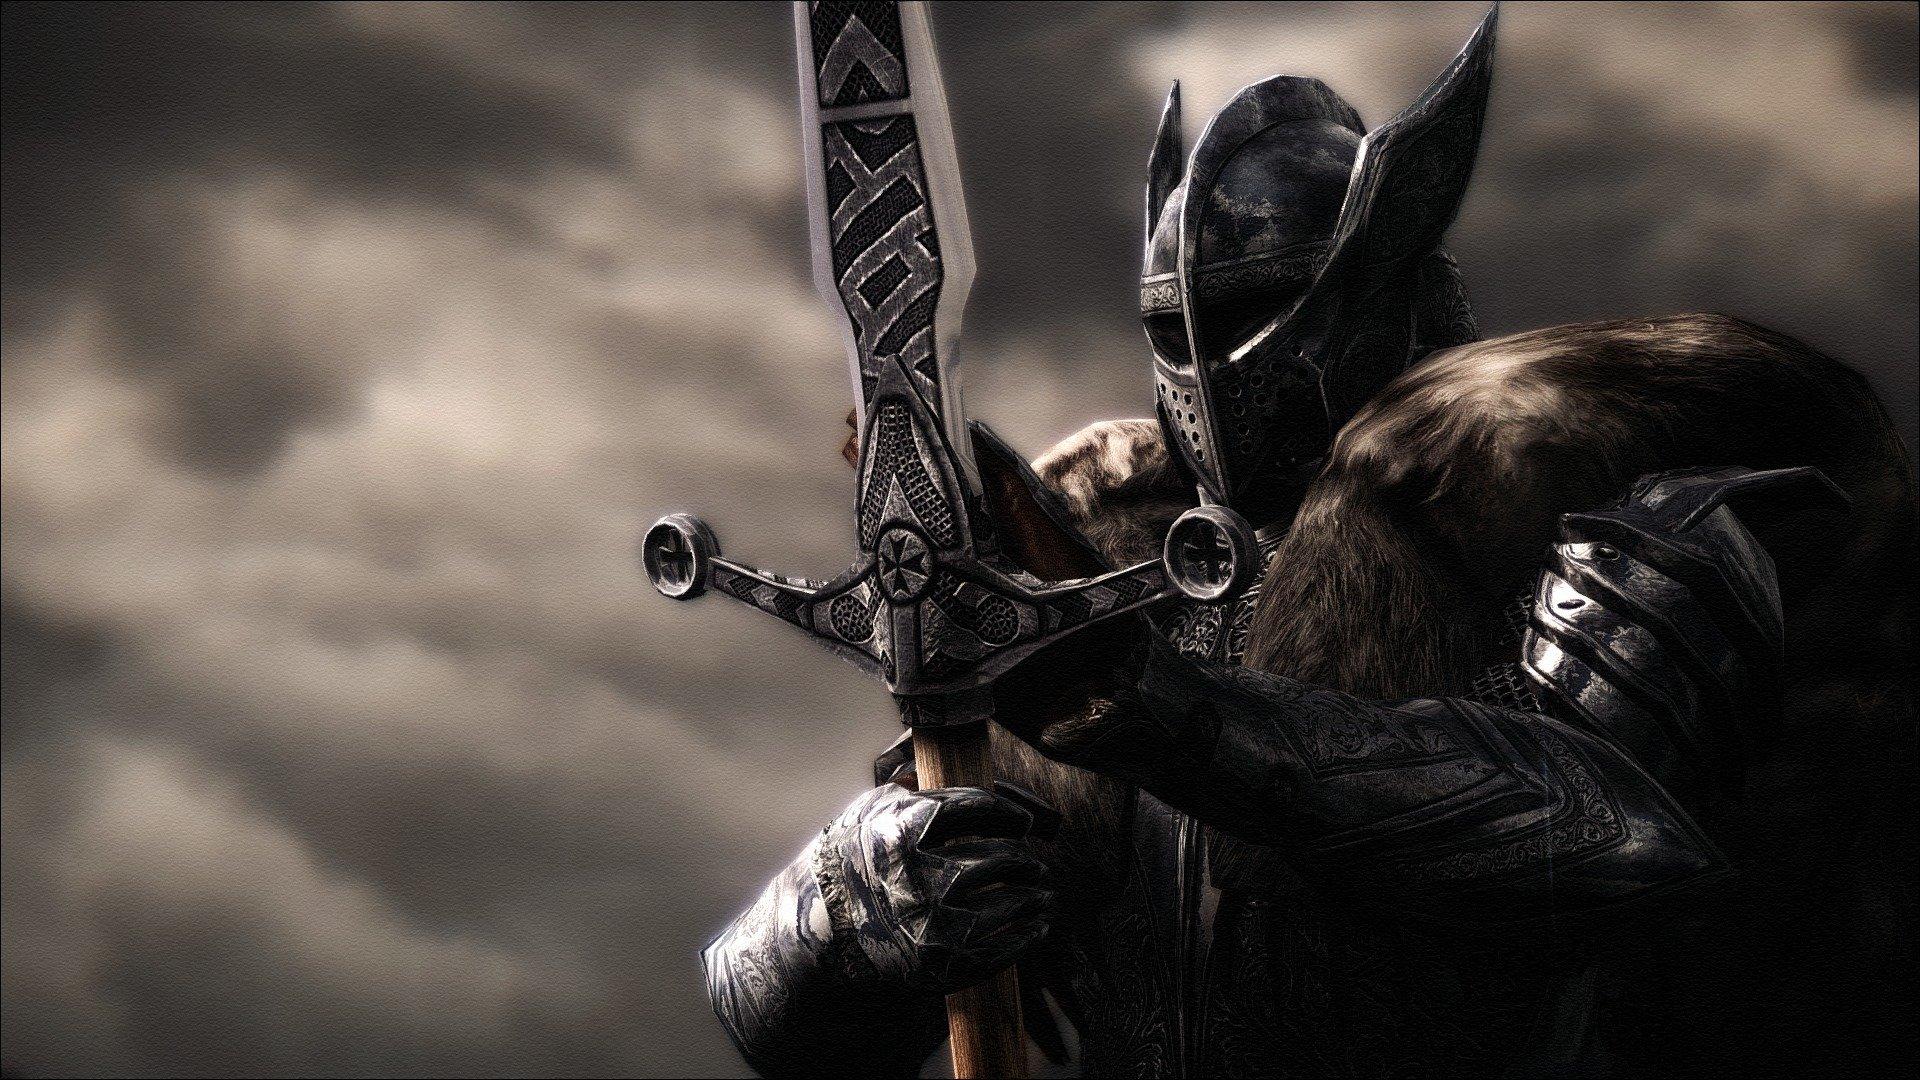 плитка картинки на рабочий стол воин с мечом любимым сказочными